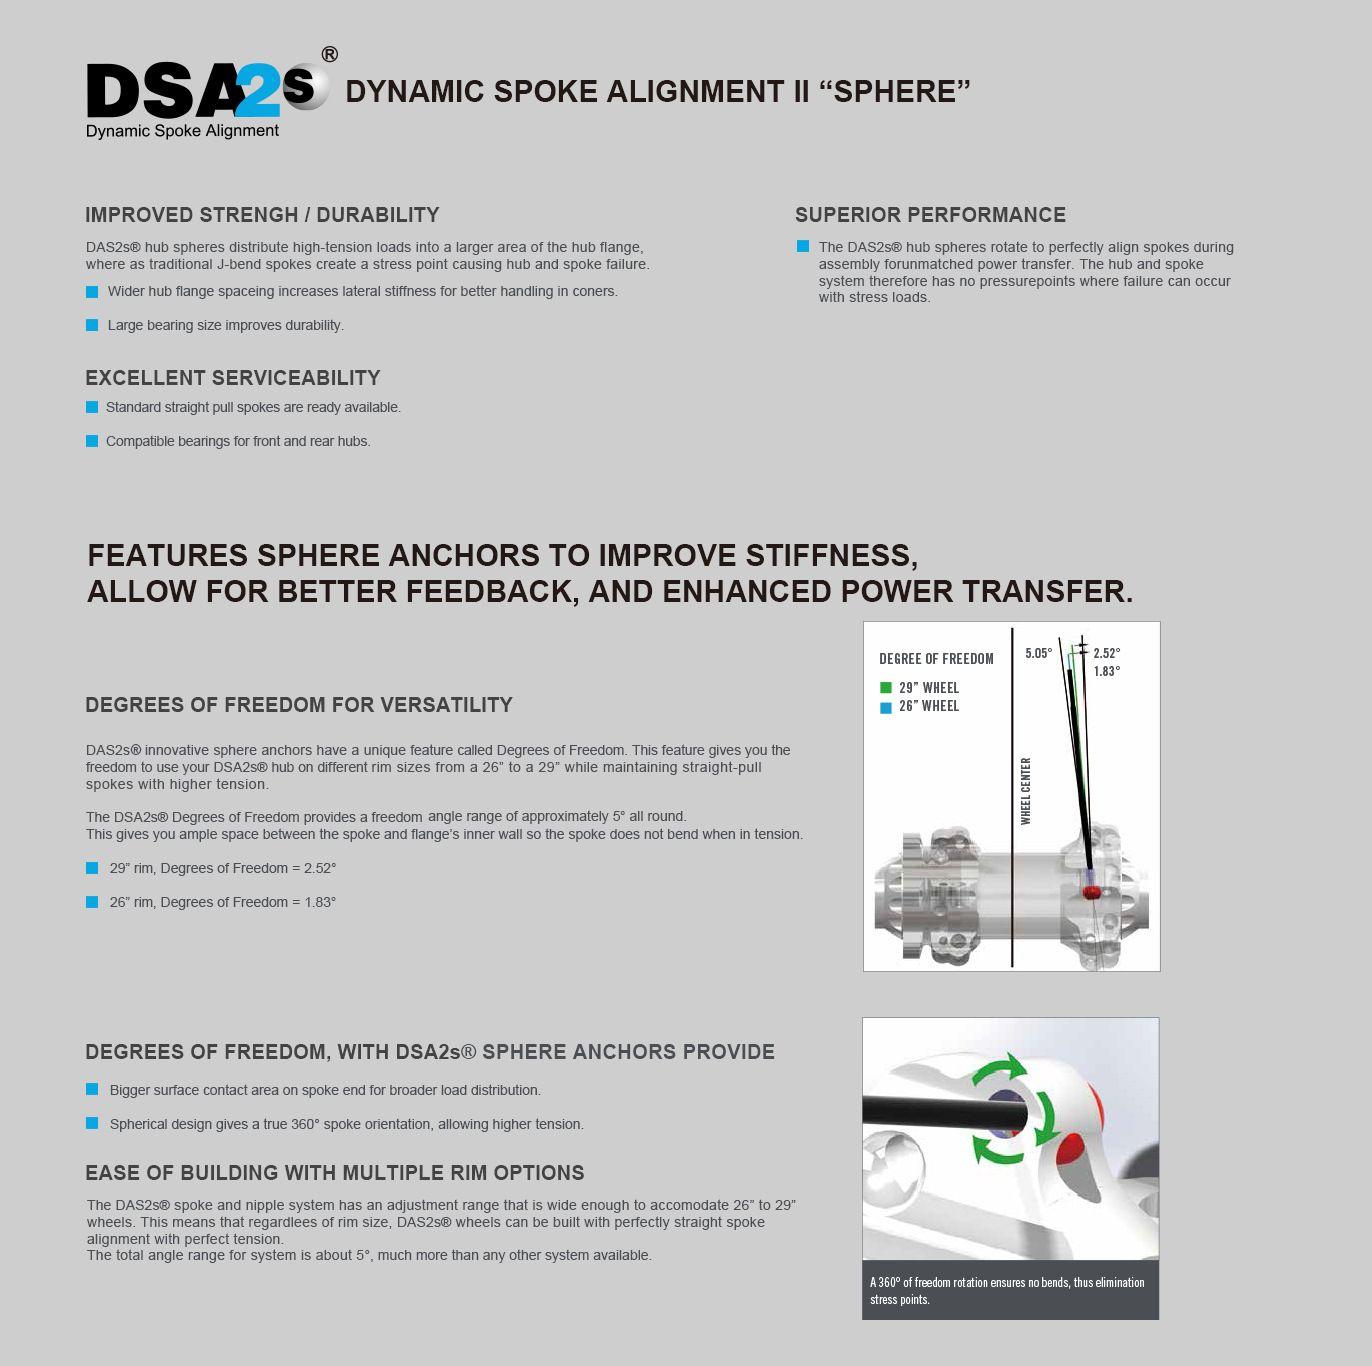 CDSA2s1.jpg